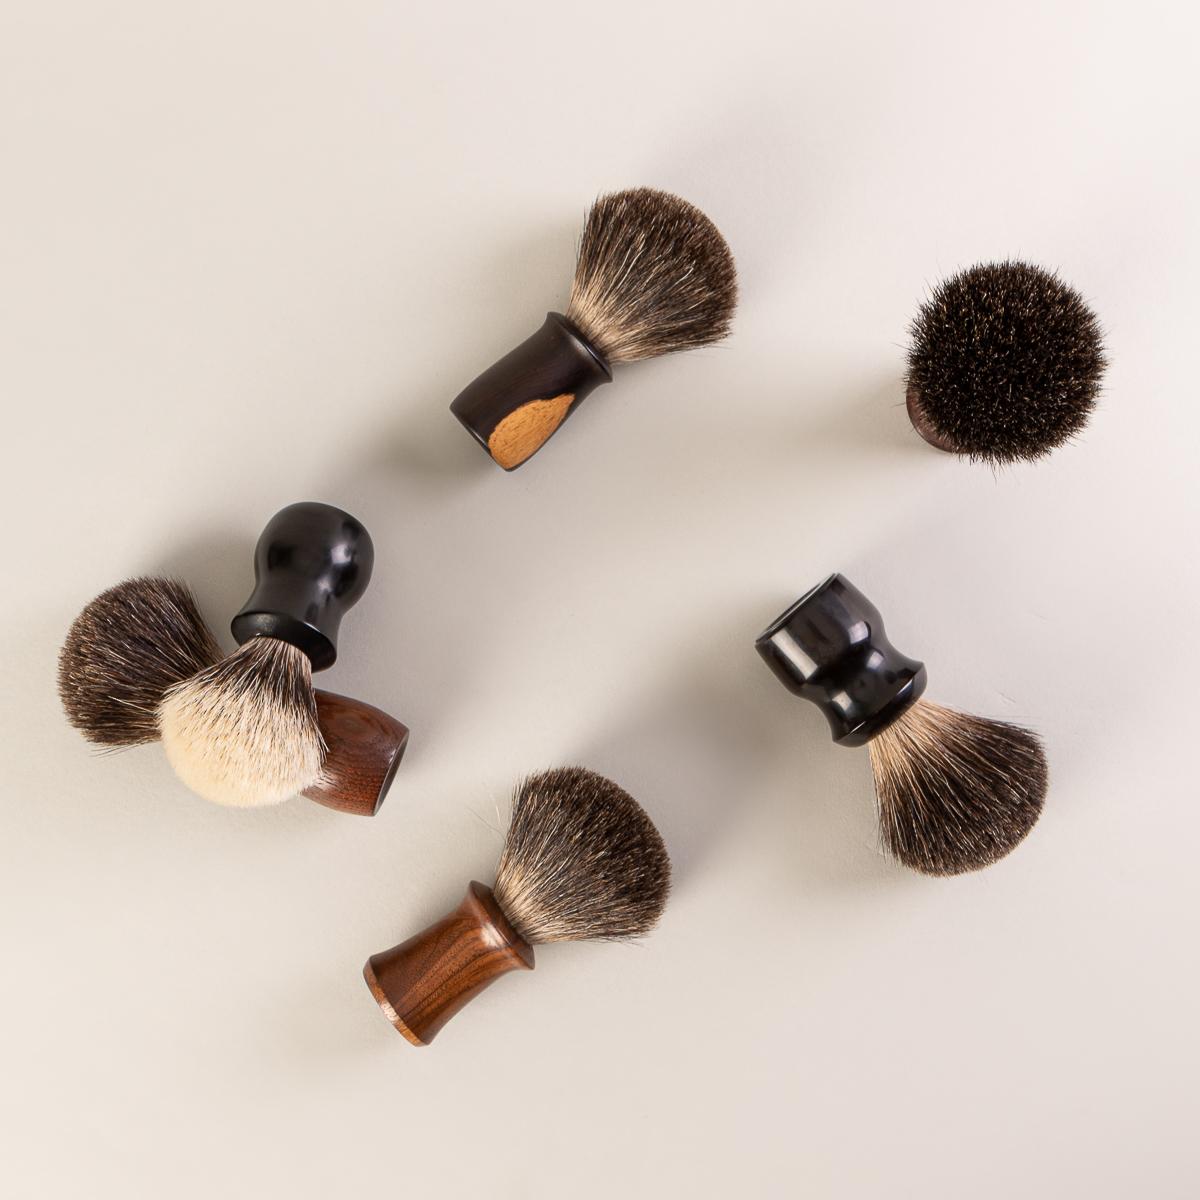 Vue de la collection de blaireaux pour la barbe de l'artiste québécois Attila Hrubos